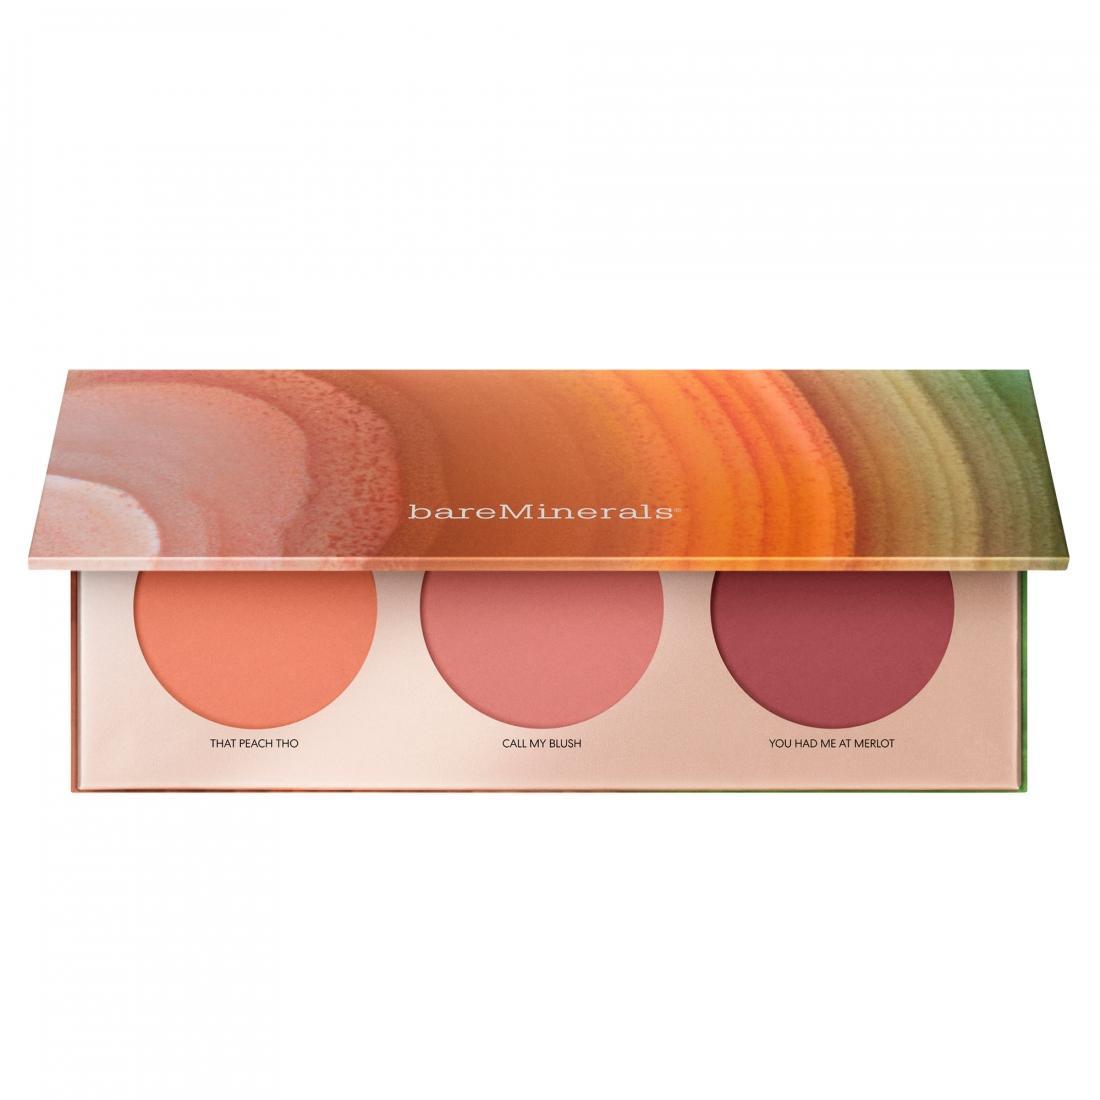 bareMinerals Desert Bloom Gen Nude Mini Blush Palette